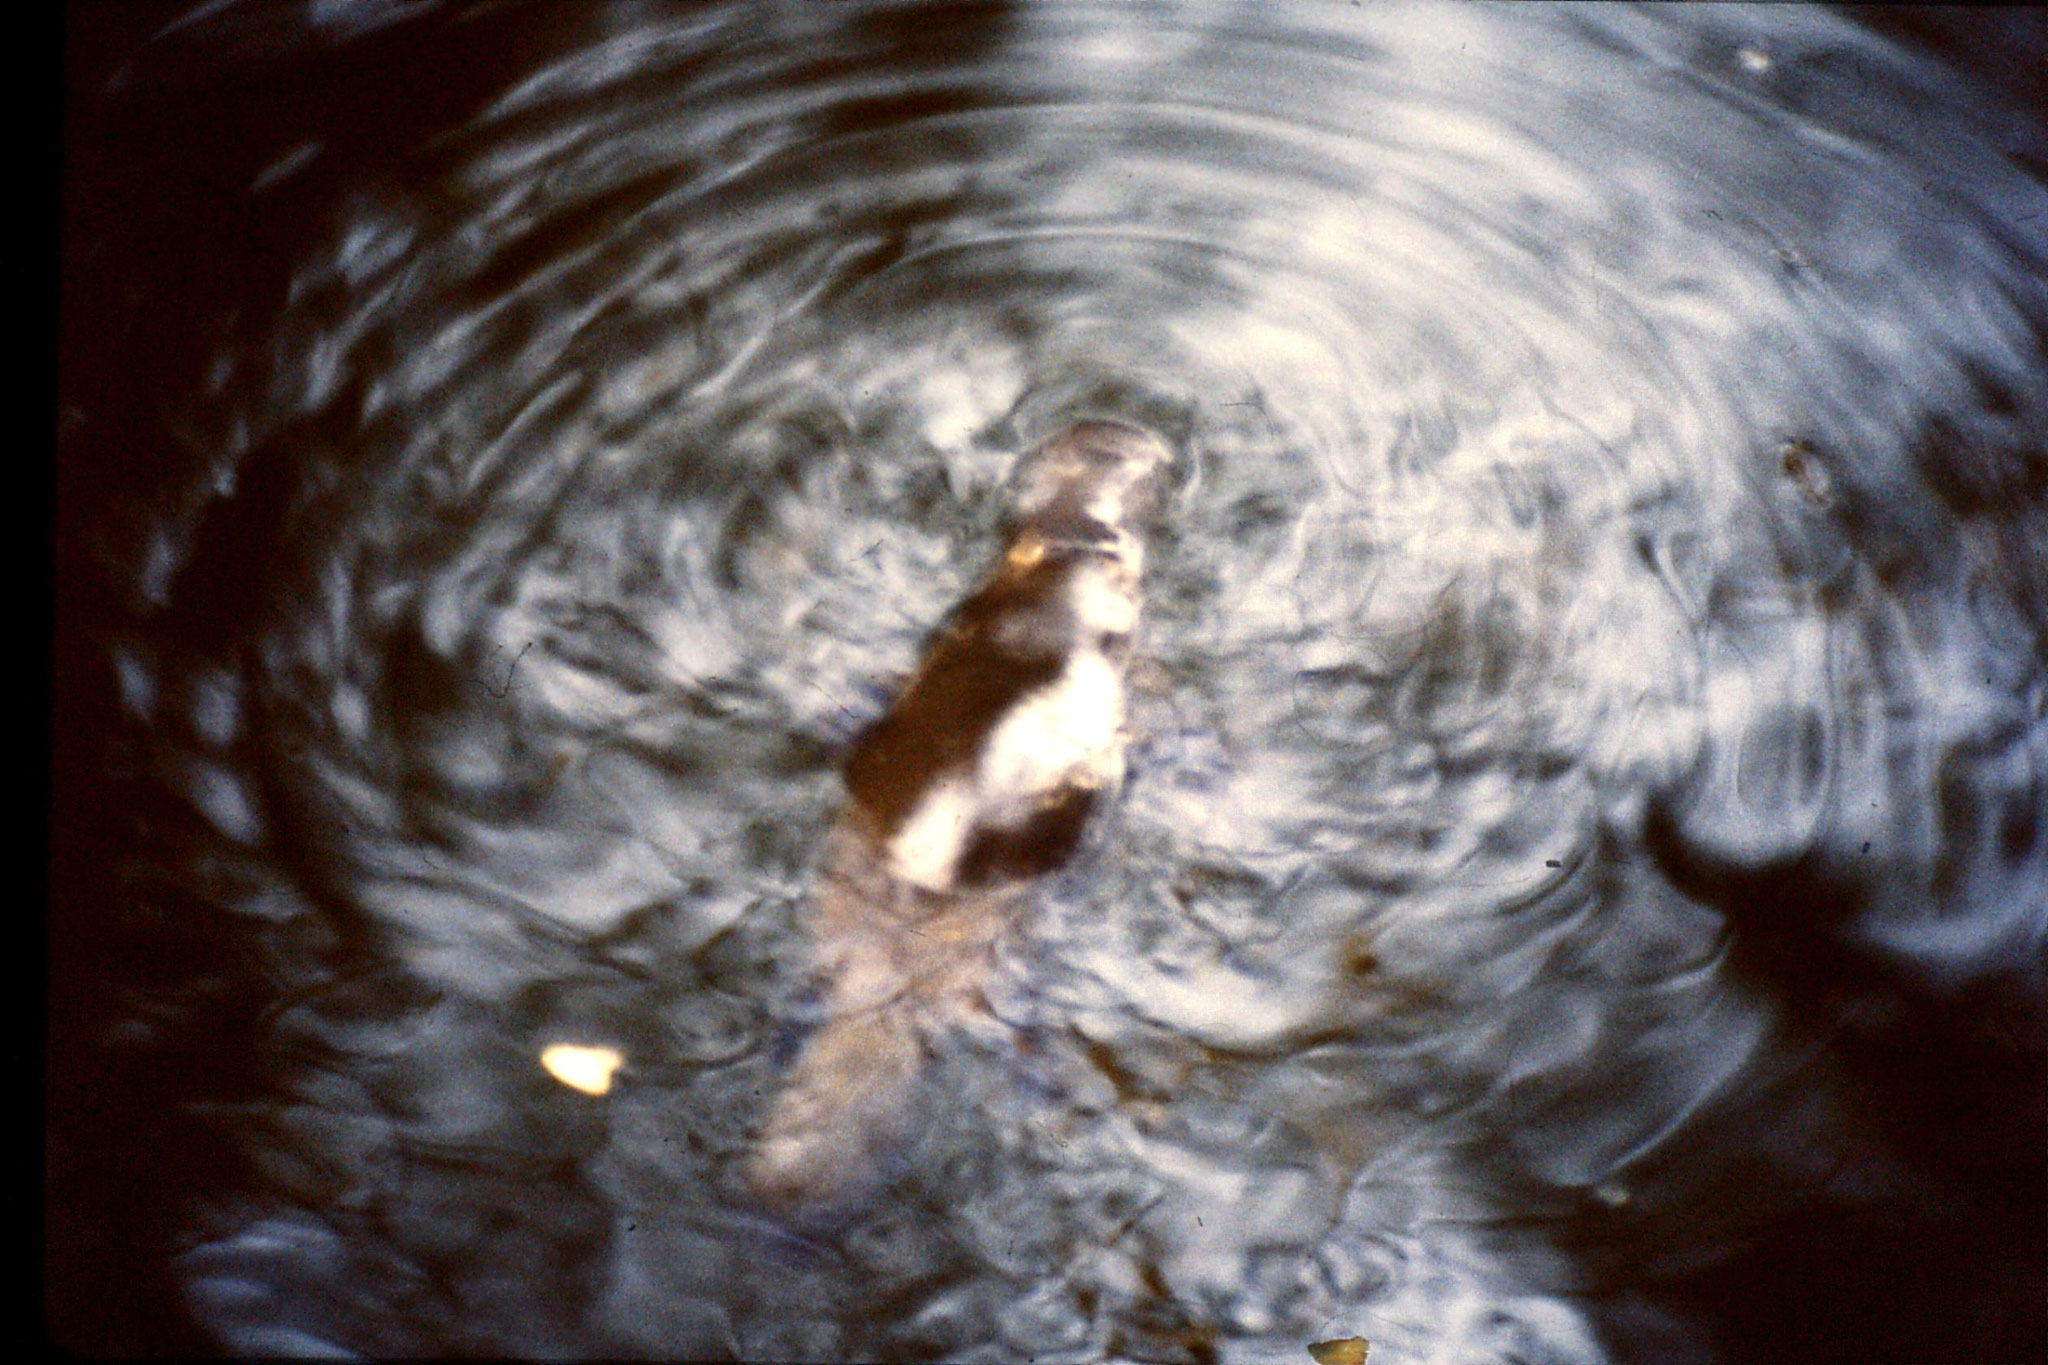 16/10/1990: 26: Eungella, Broken River, platypus